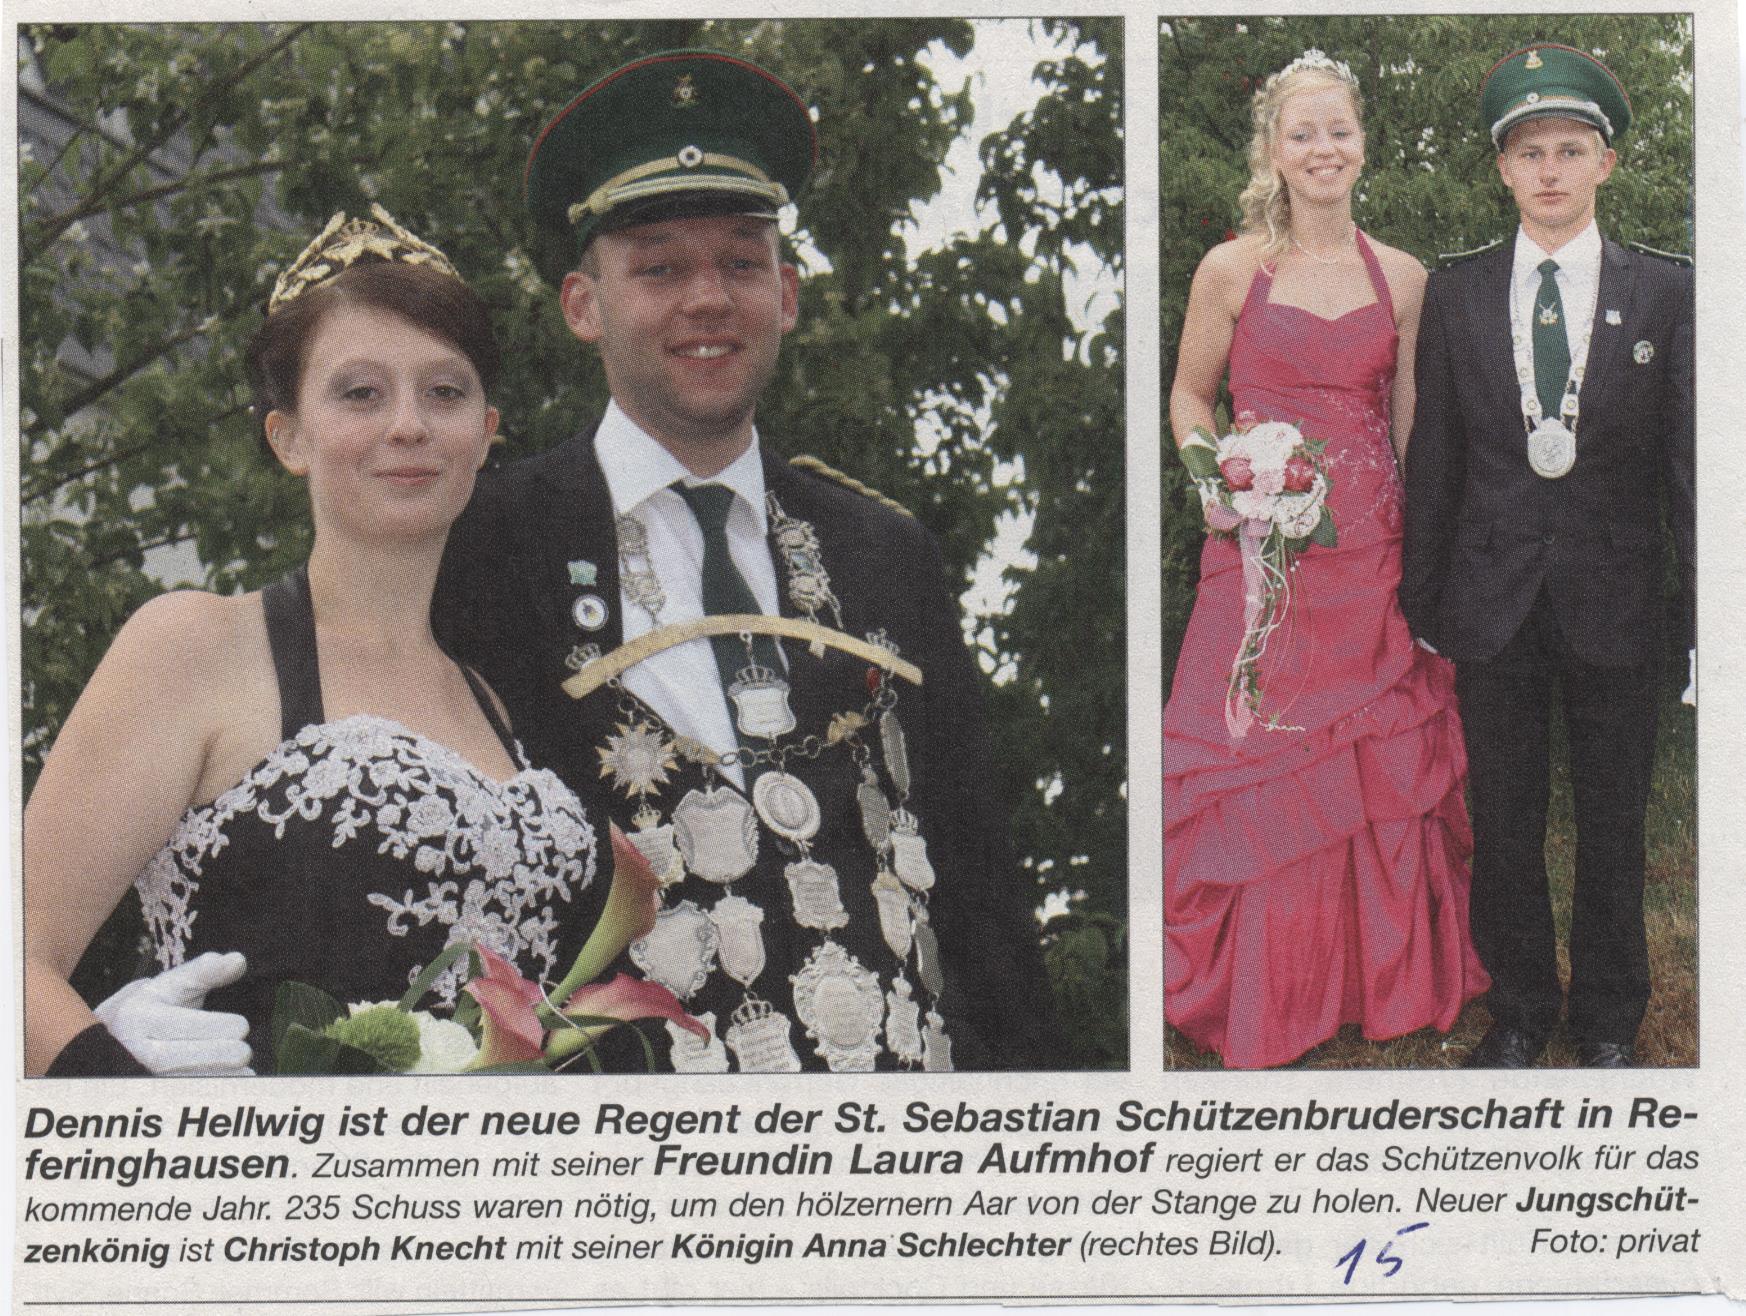 Schützenkönigspaar Dennis und Laura, Jungschützenkönigspaar Chris und Anna